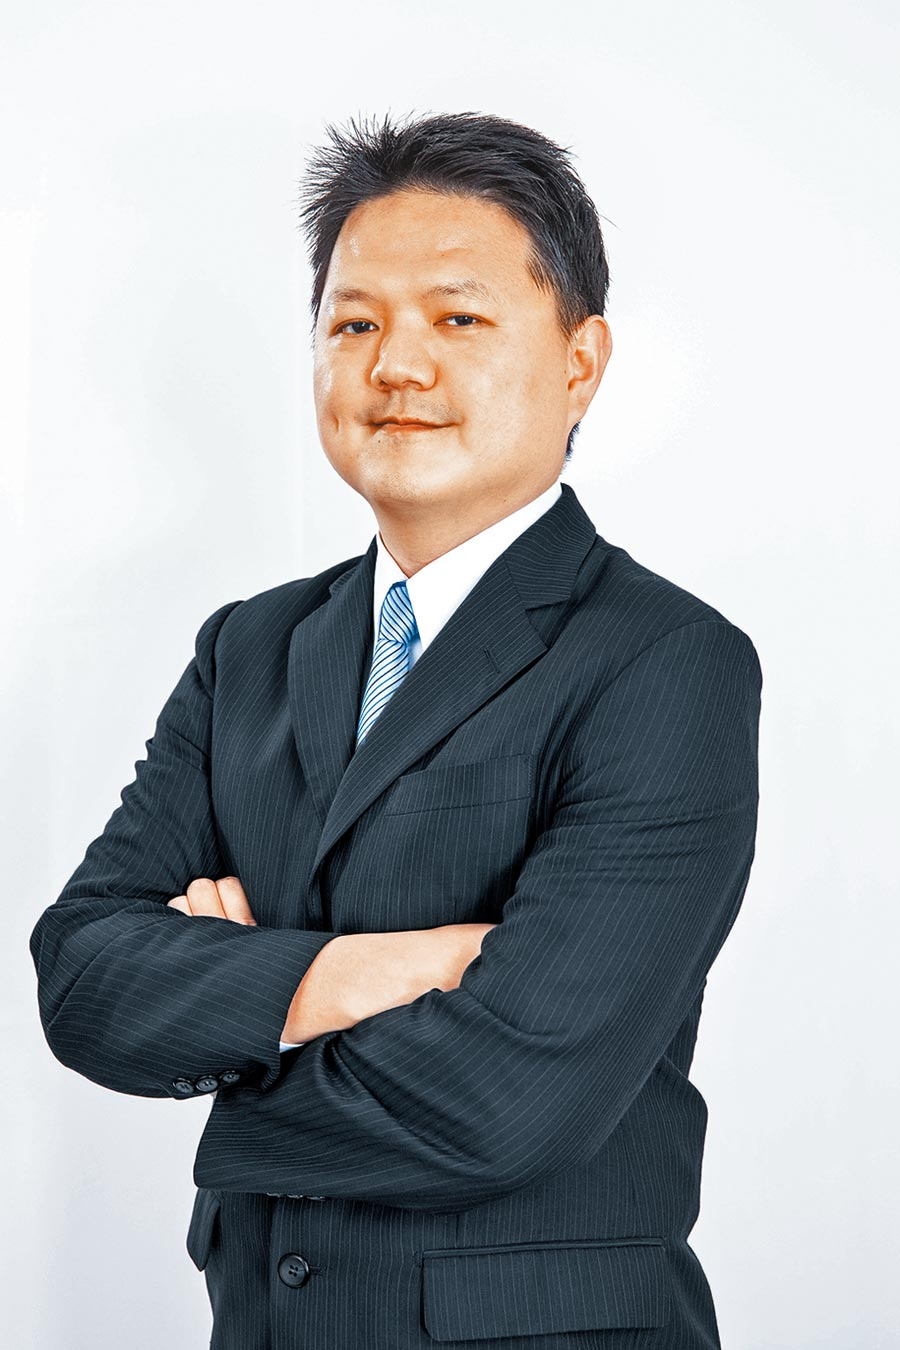 富蘭克林華美10至25年期投資級美元公司債ETF基金擬任經理人黃鈺民。(富蘭克林華美提供)